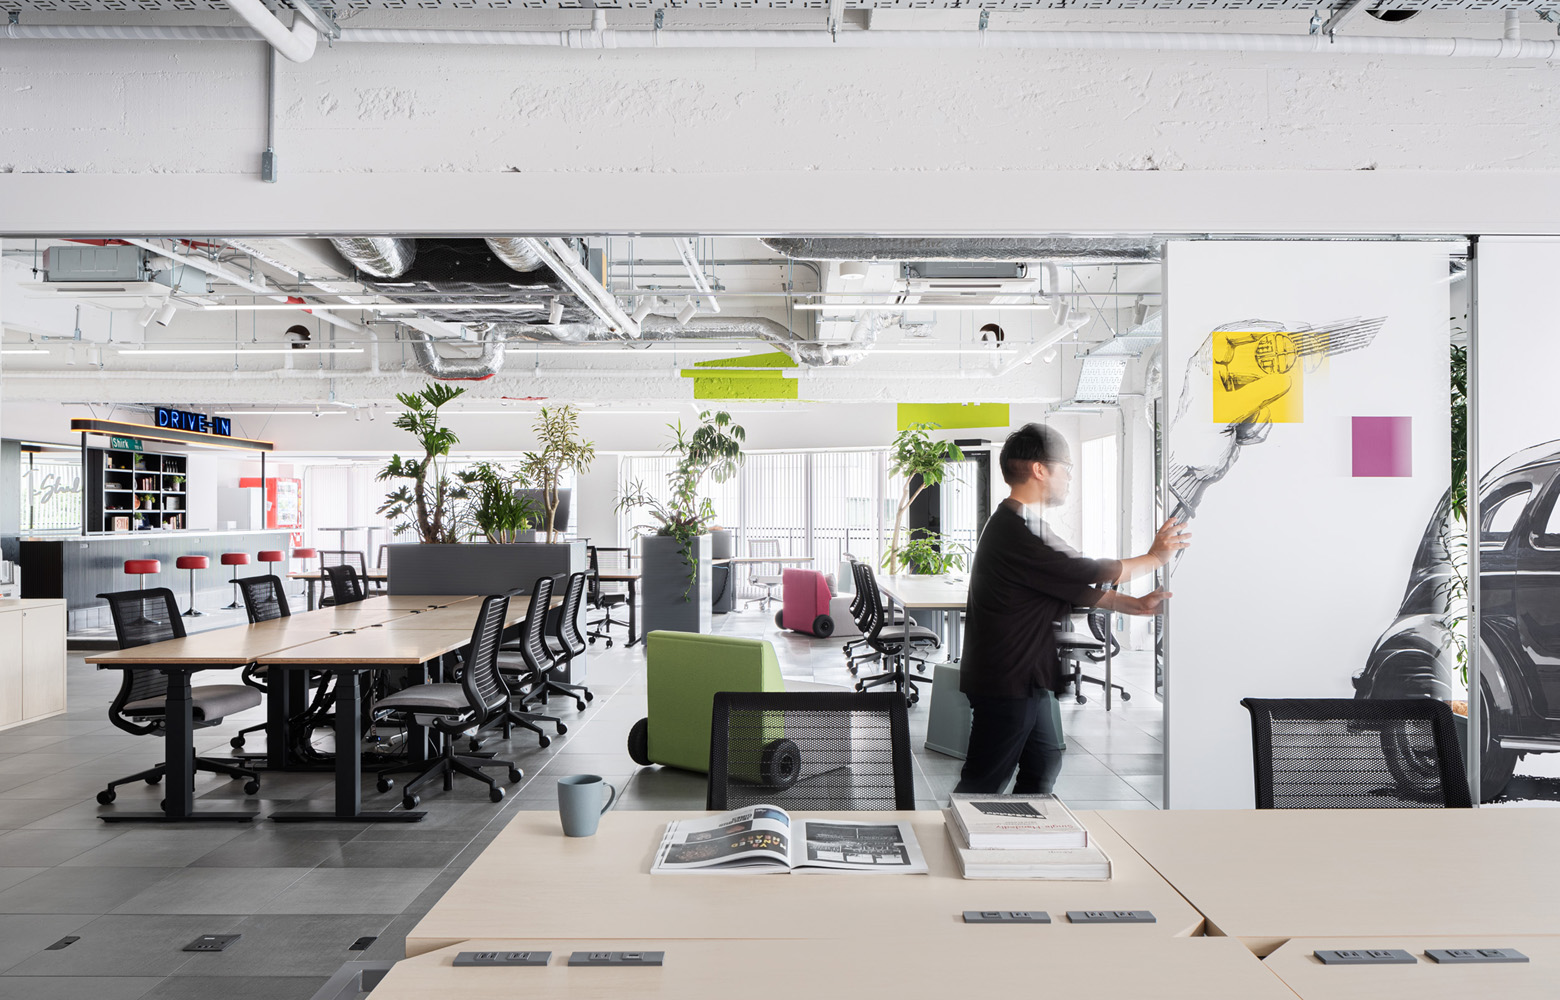 トヨタコネクティッド株式会社 Work Space_3 デザイン・レイアウト事例